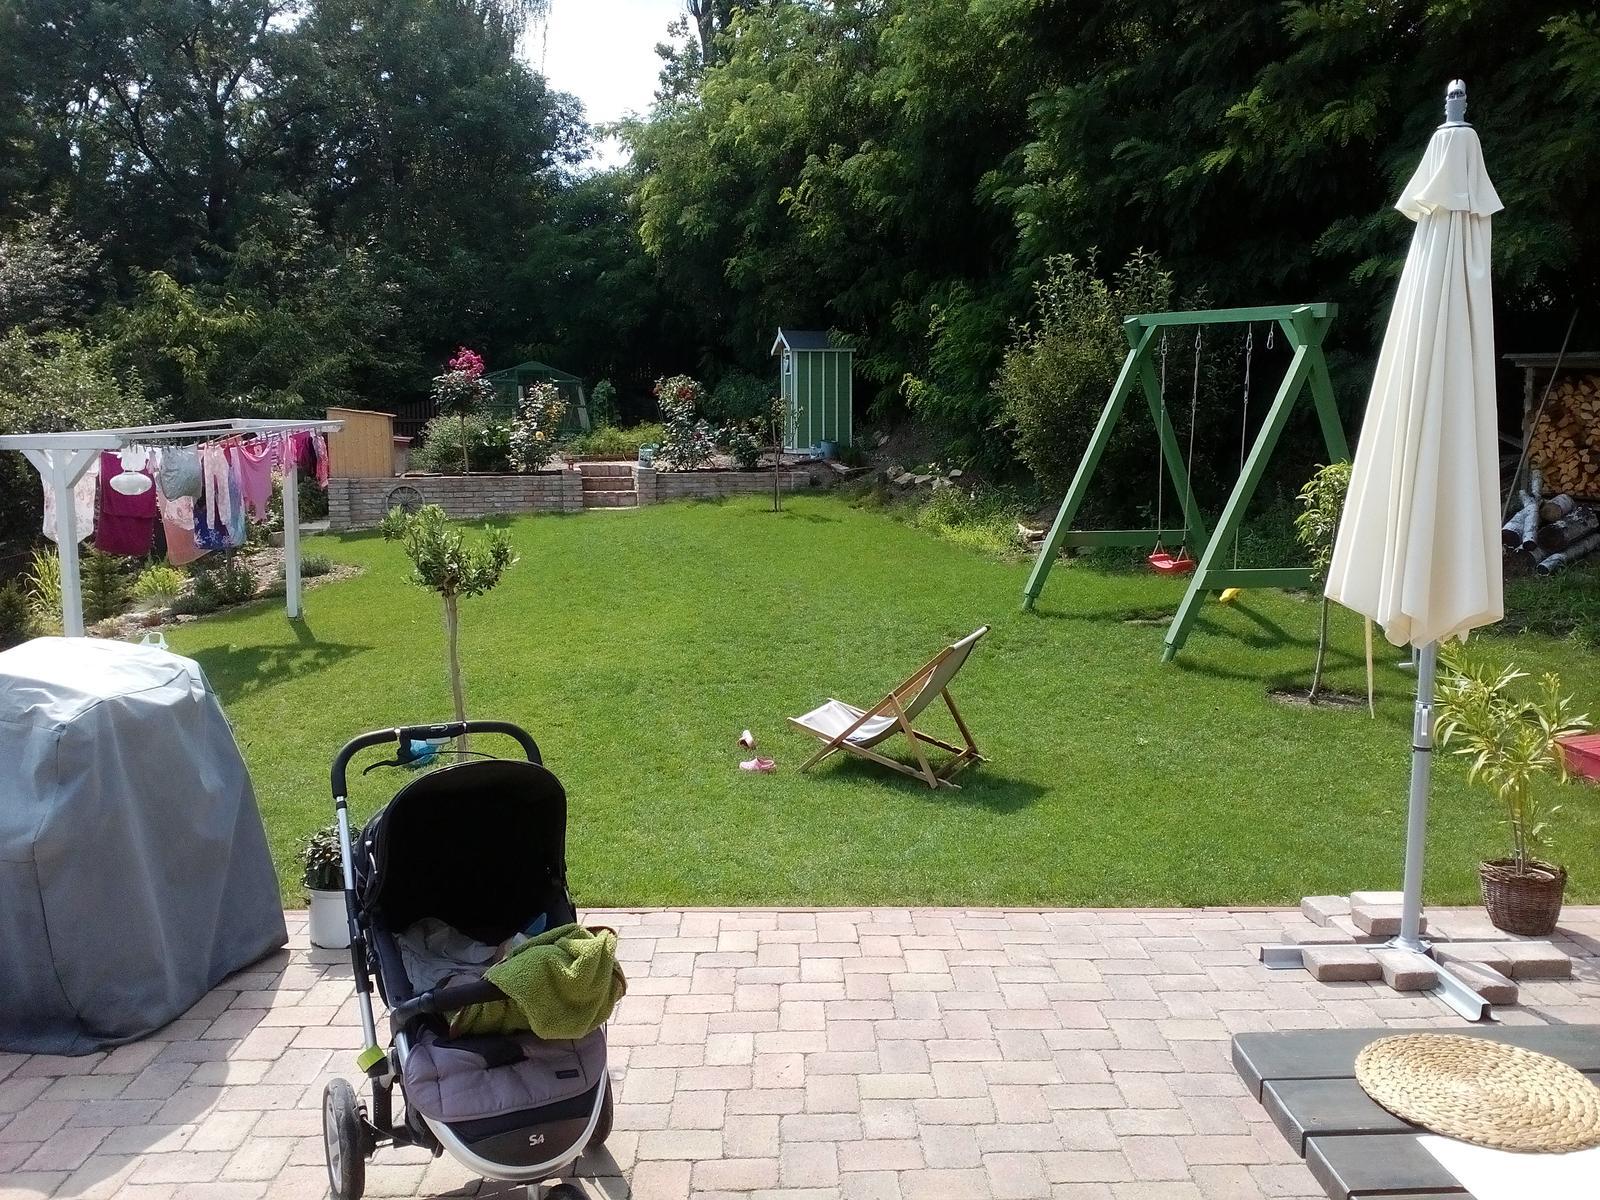 Záhrada - Pár krát zapršalo a k nám sa vrátil trávnik 😂